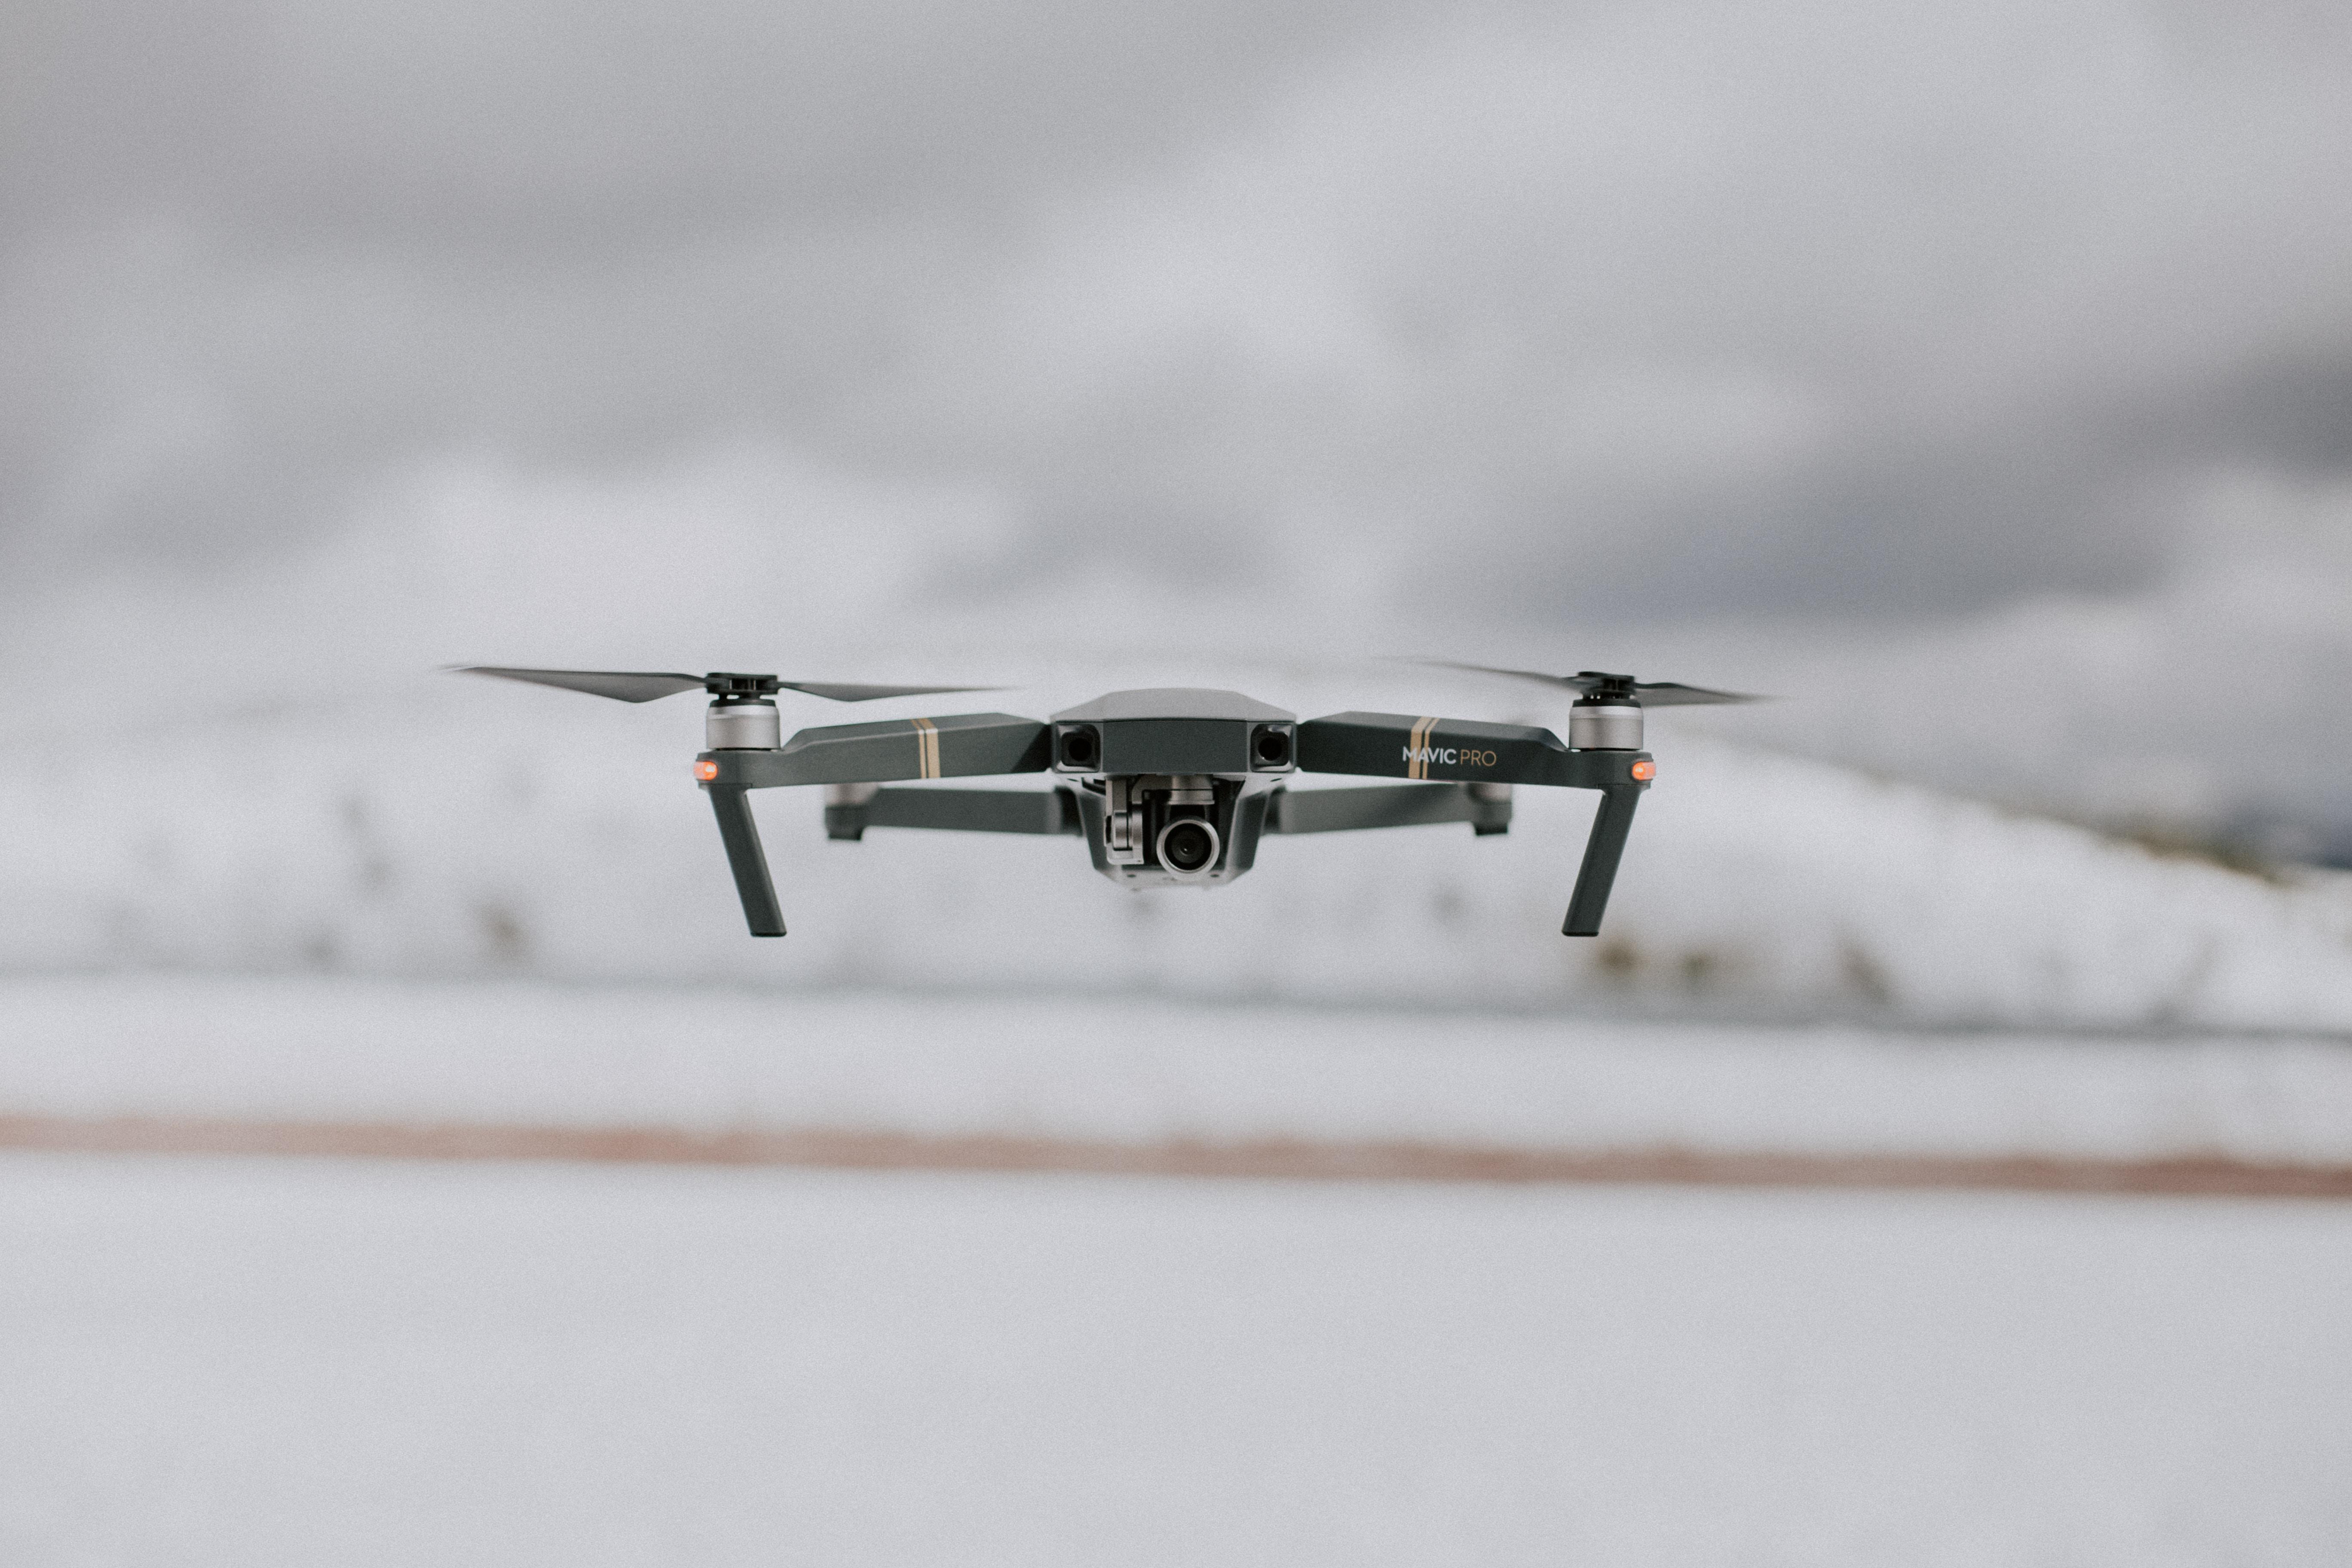 e5862ccccc4 Les drones ont de multiples usages : de la vidéo professionnelle au loisir  familial, en passant par la livraison de colis ou de pizza, ils risquent de  ...